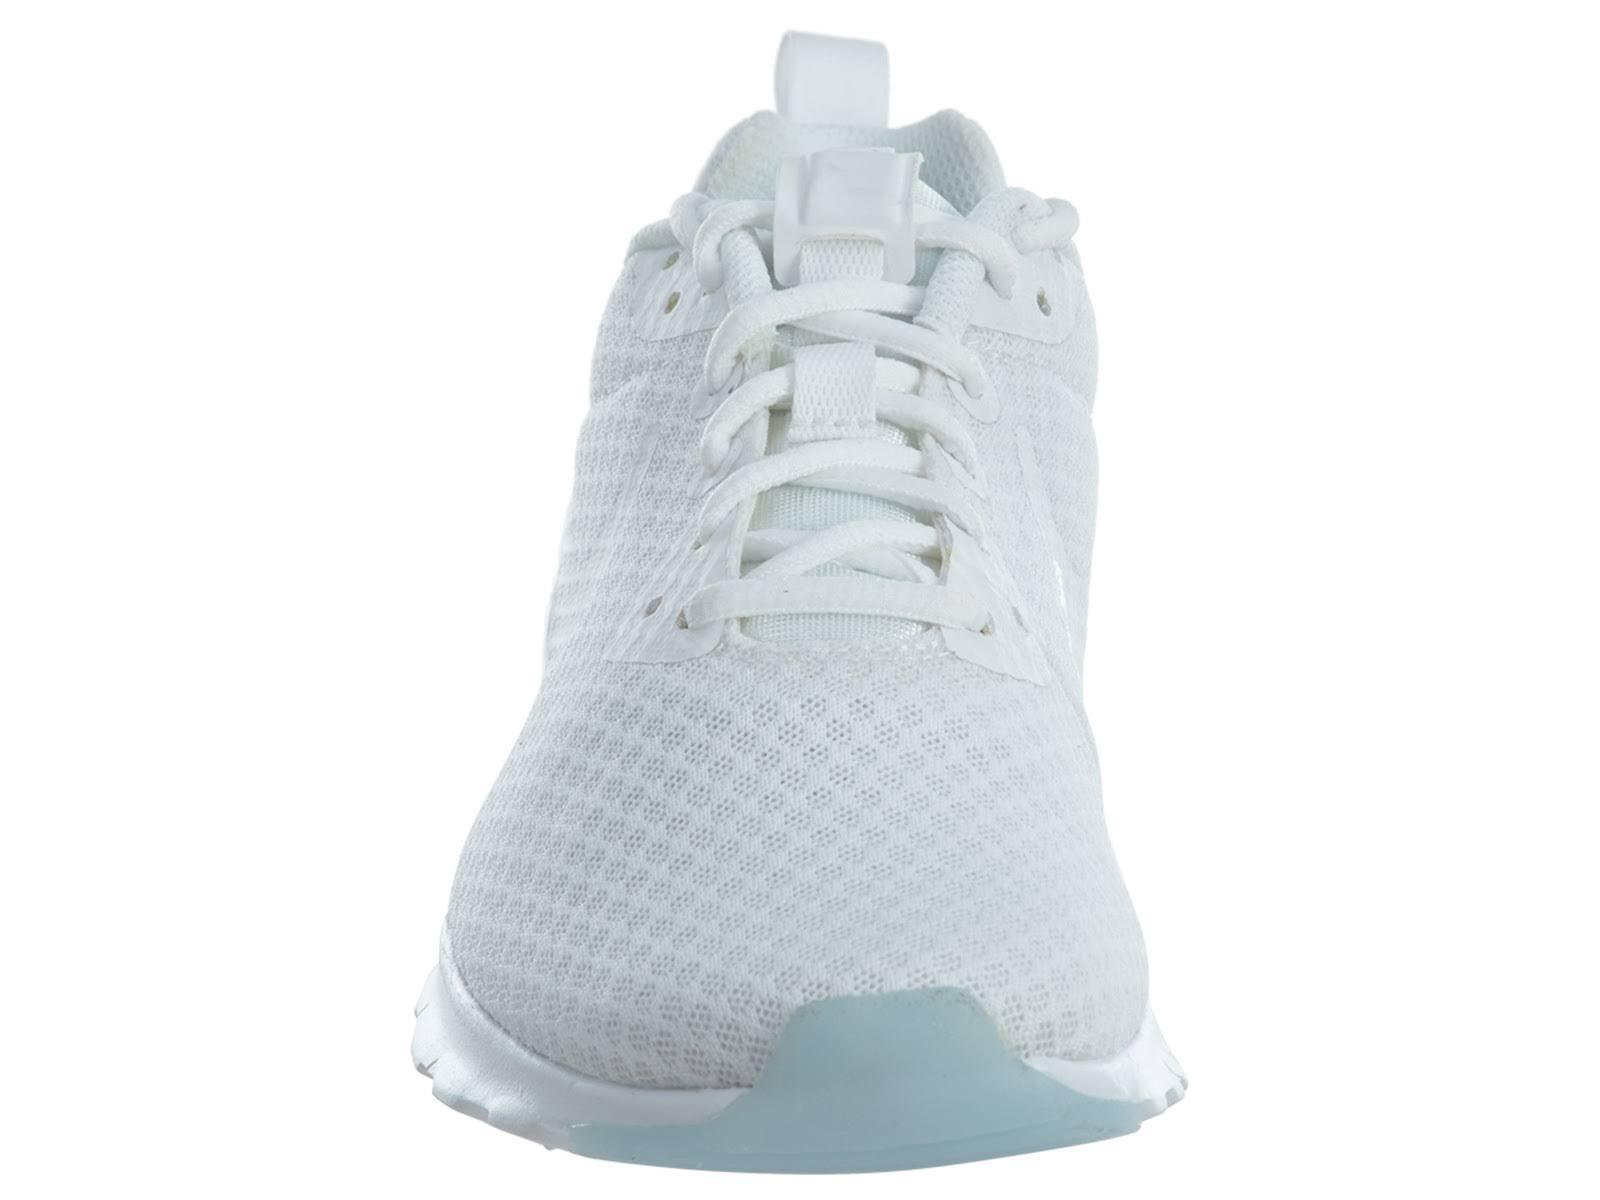 Hardloopschoen damesdamesdamesdamesdamesdameszwartwit Nike Hardloopschoen voor voor Hardloopschoen Nike damesdamesdamesdamesdamesdameszwartwit Nike voor damesdamesdamesdamesdamesdameszwartwit XTwkZiluOP